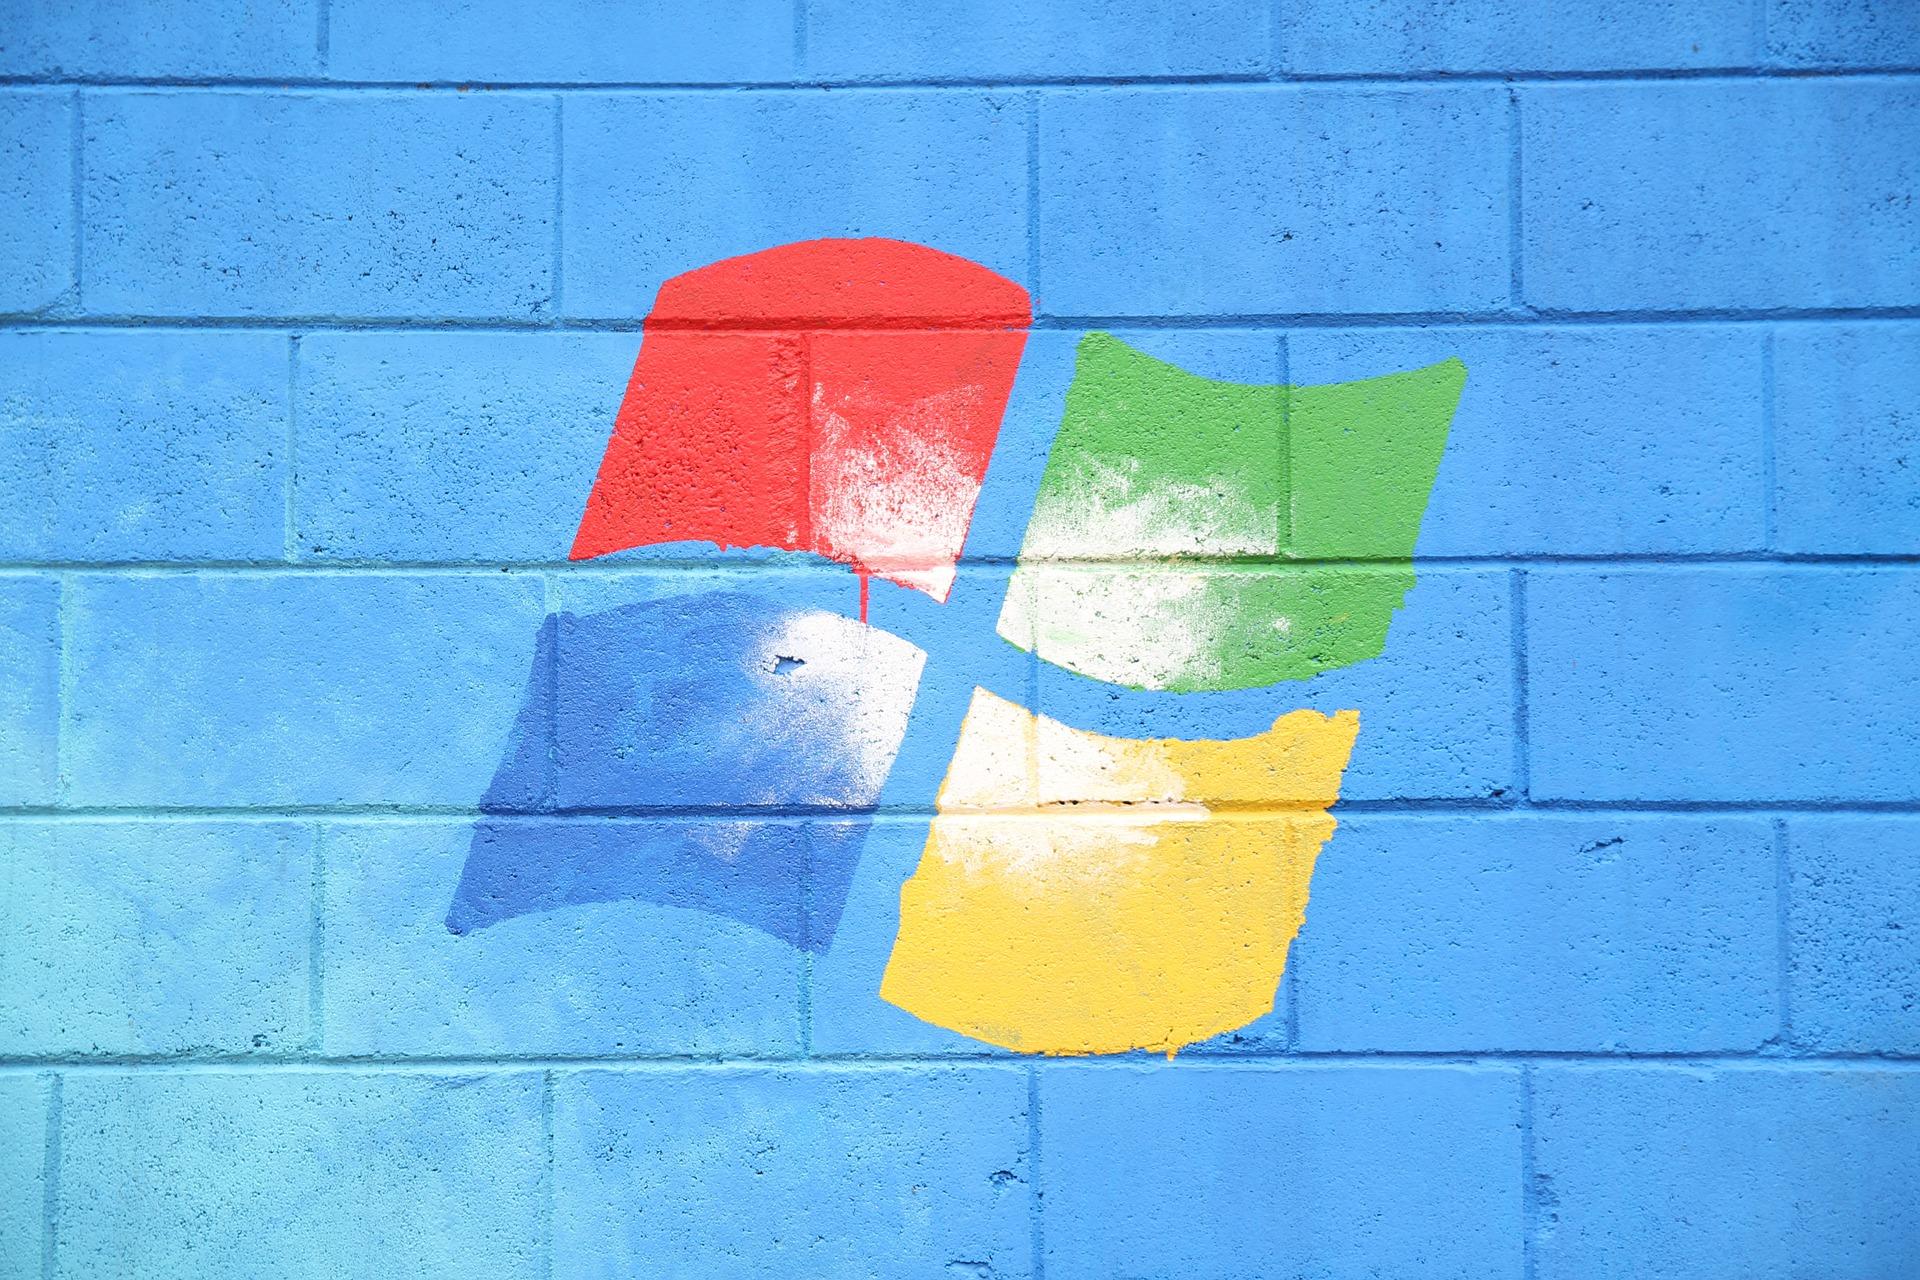 Systemhaus LINET Services informiert: Microsoft stellt eBooks zum kostenlosen Download bereit